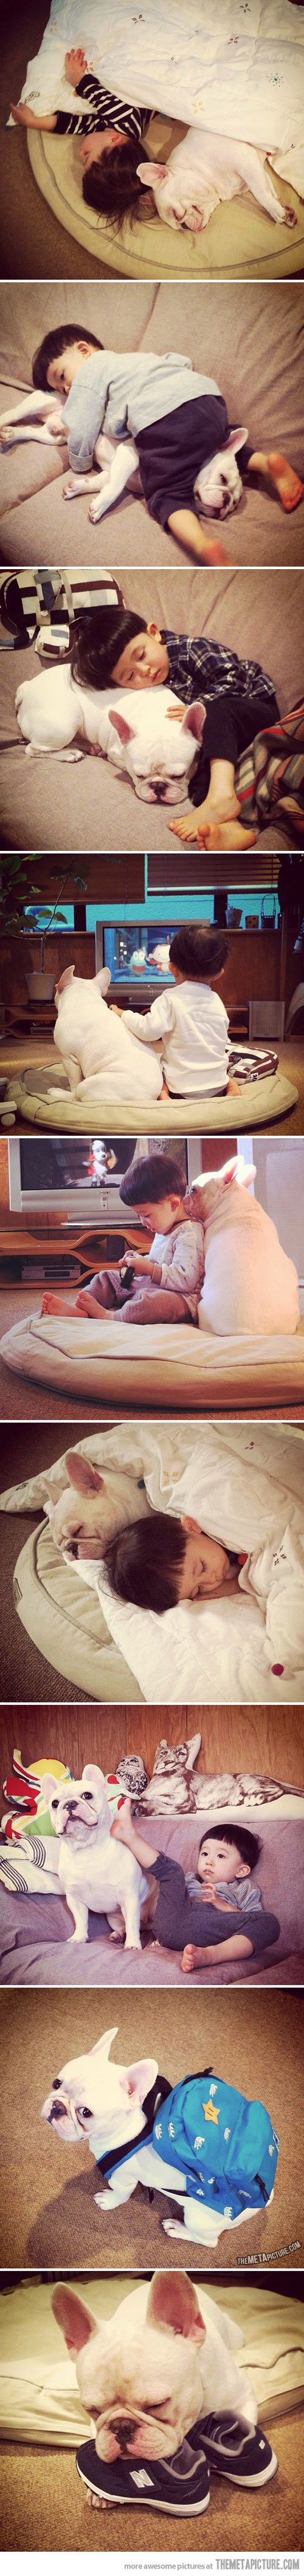 best petsappalooza images on pinterest fluffy pets adorable